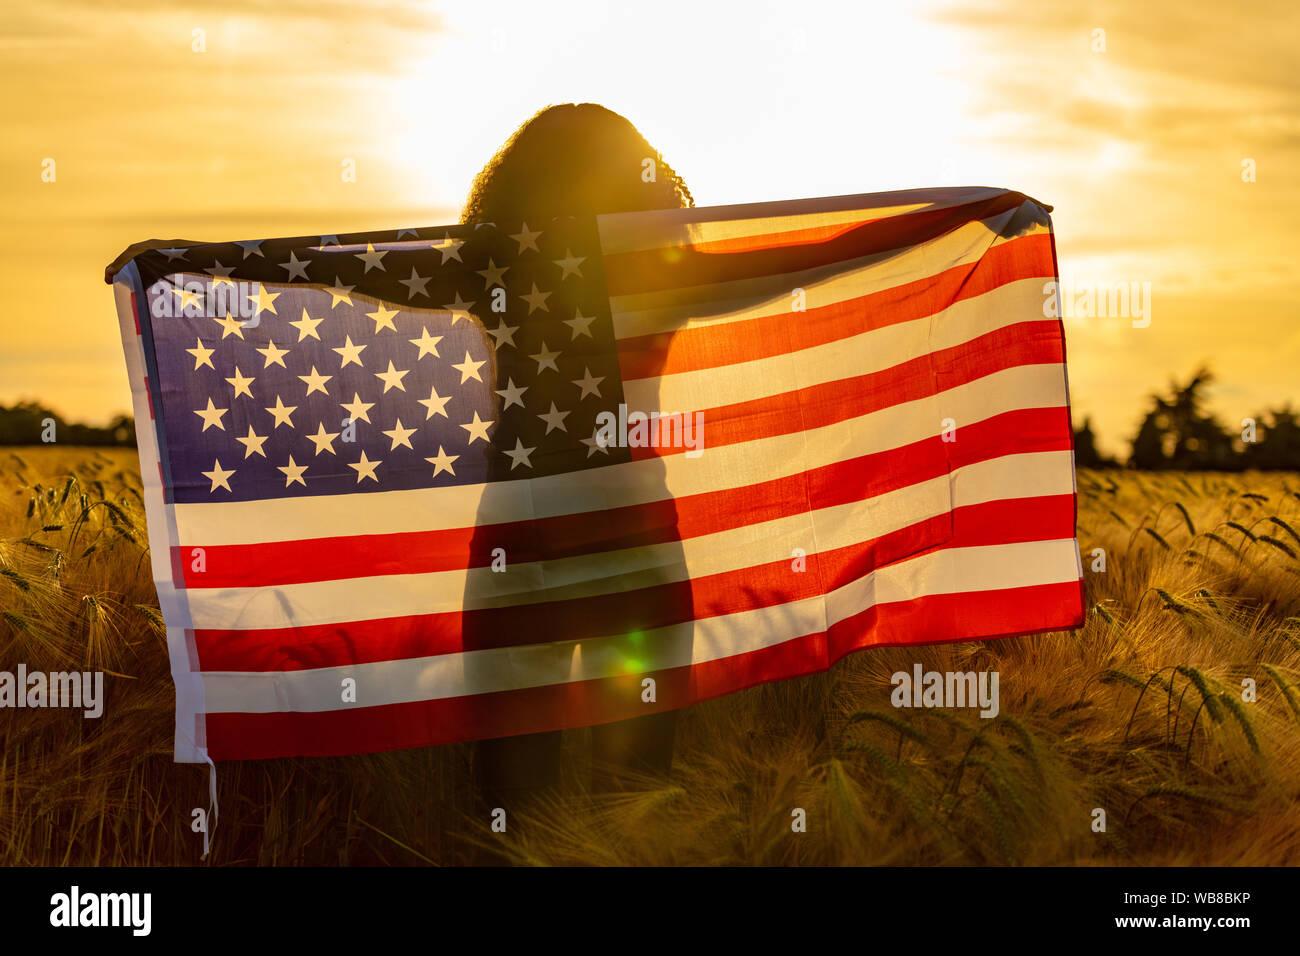 Mixed Race African American girl adolescent femme jeune femme dans un champ de blé ou d'orge enveloppés dans USA stars and stripes flag au coucher du soleil Banque D'Images